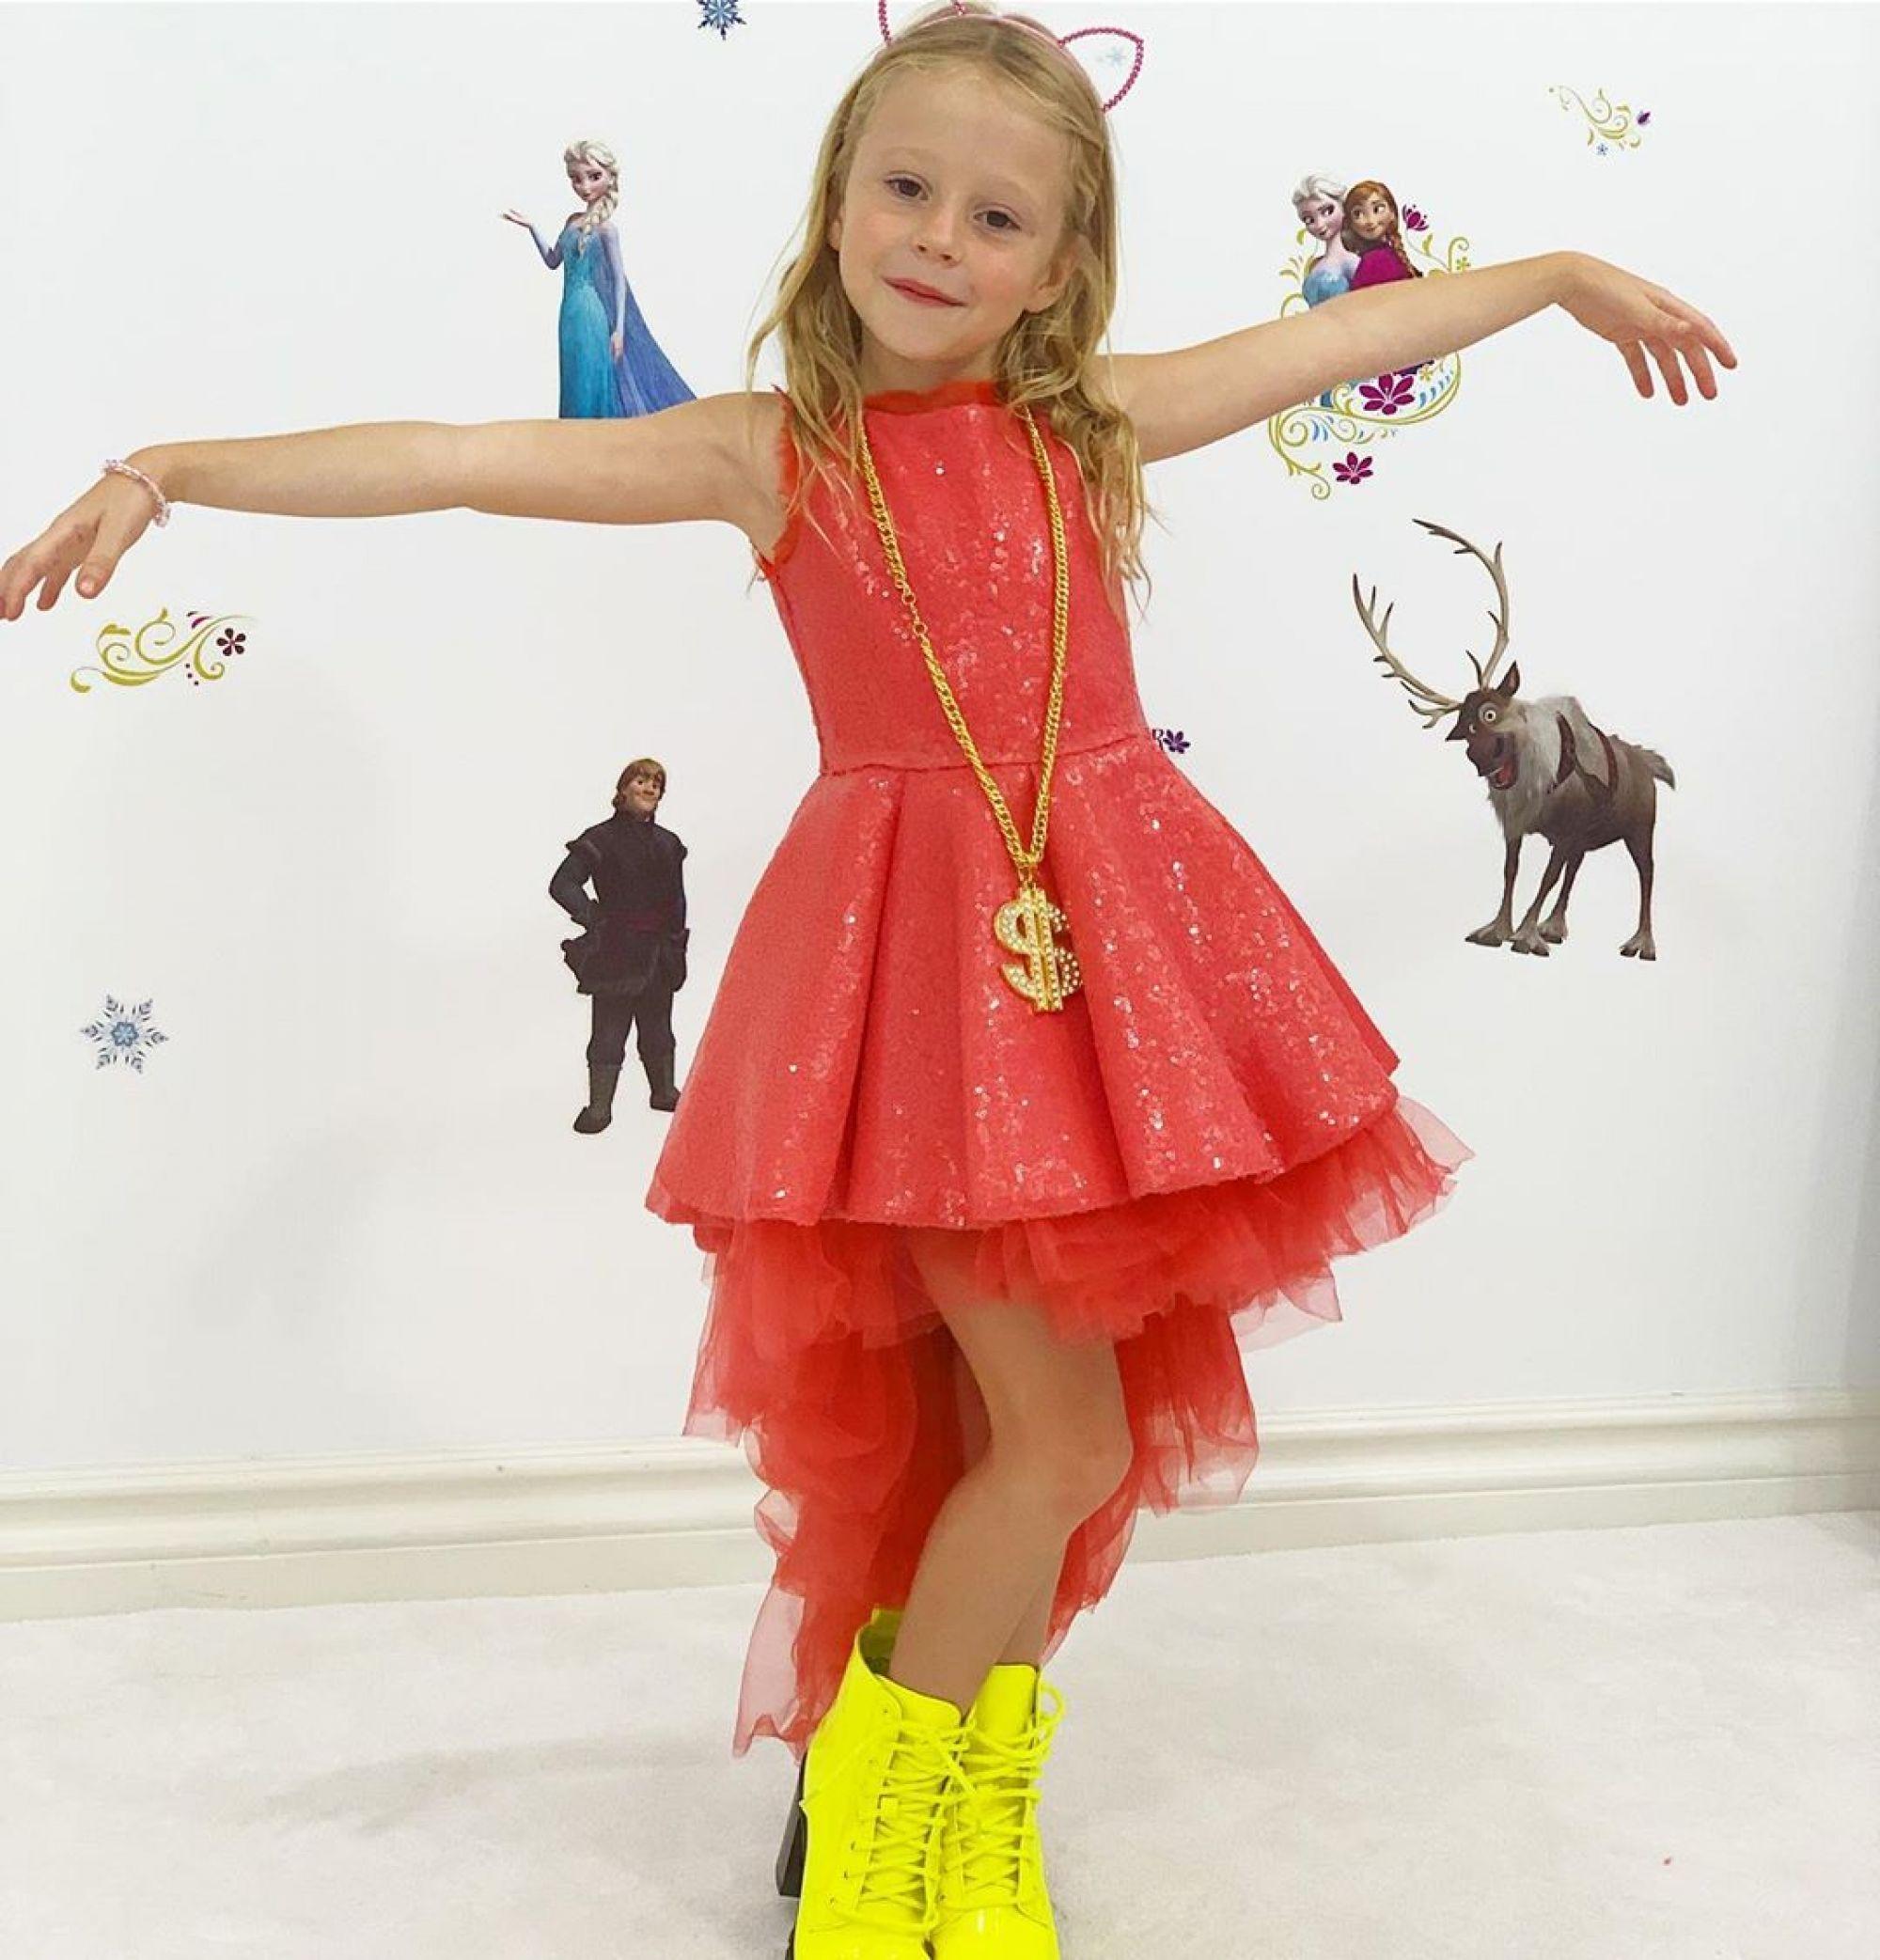 Пятилетняя девочка из Краснодара вошла в тройку самых высокооплачиваемых YouTube-блогеров